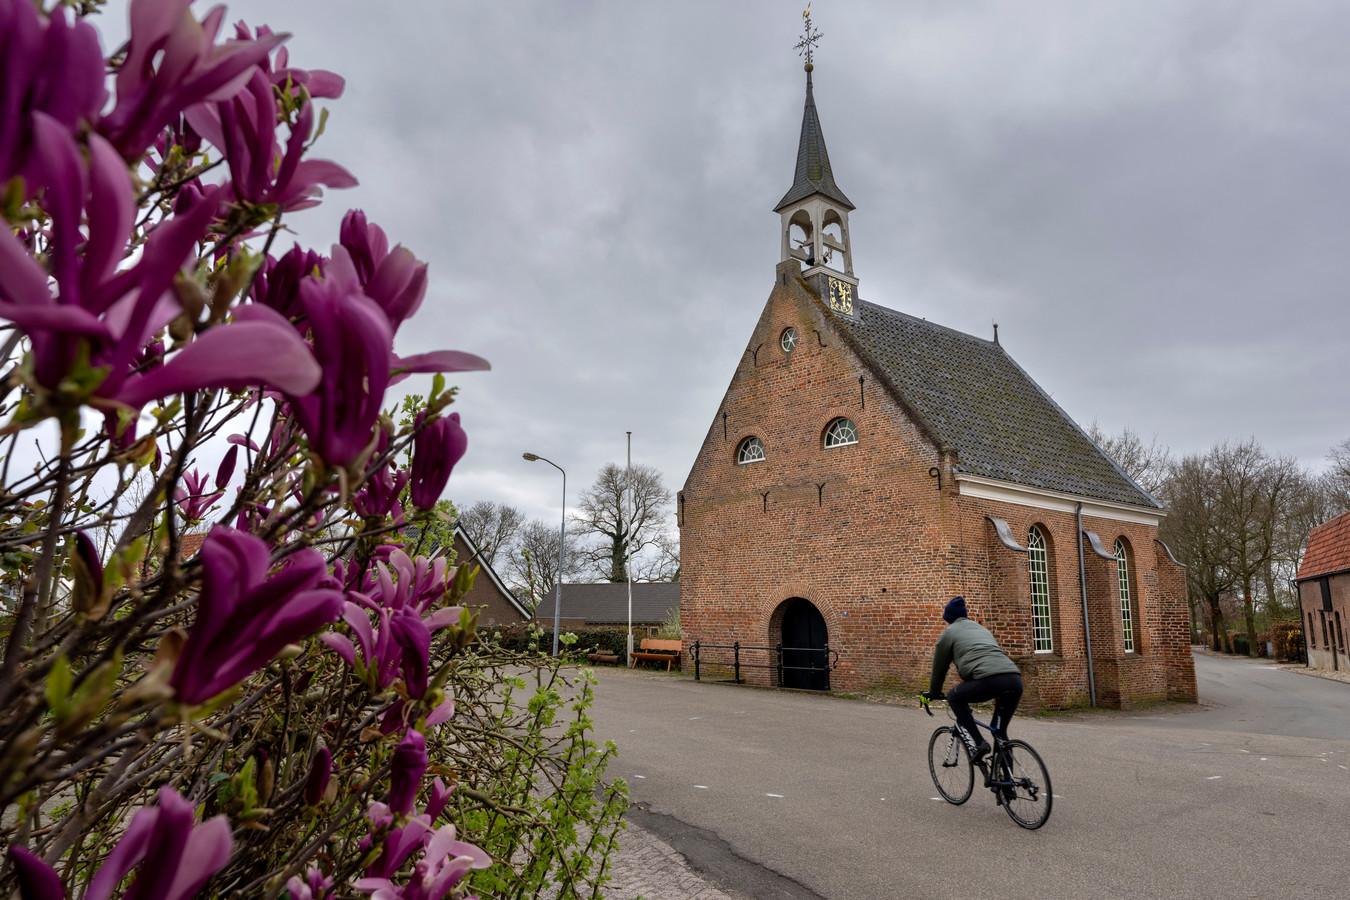 De dorpsraad had plannen voor het Sint-Odradakerkje, waarin tot november het Nederlands Dakpannenmuseum was gevestigd..